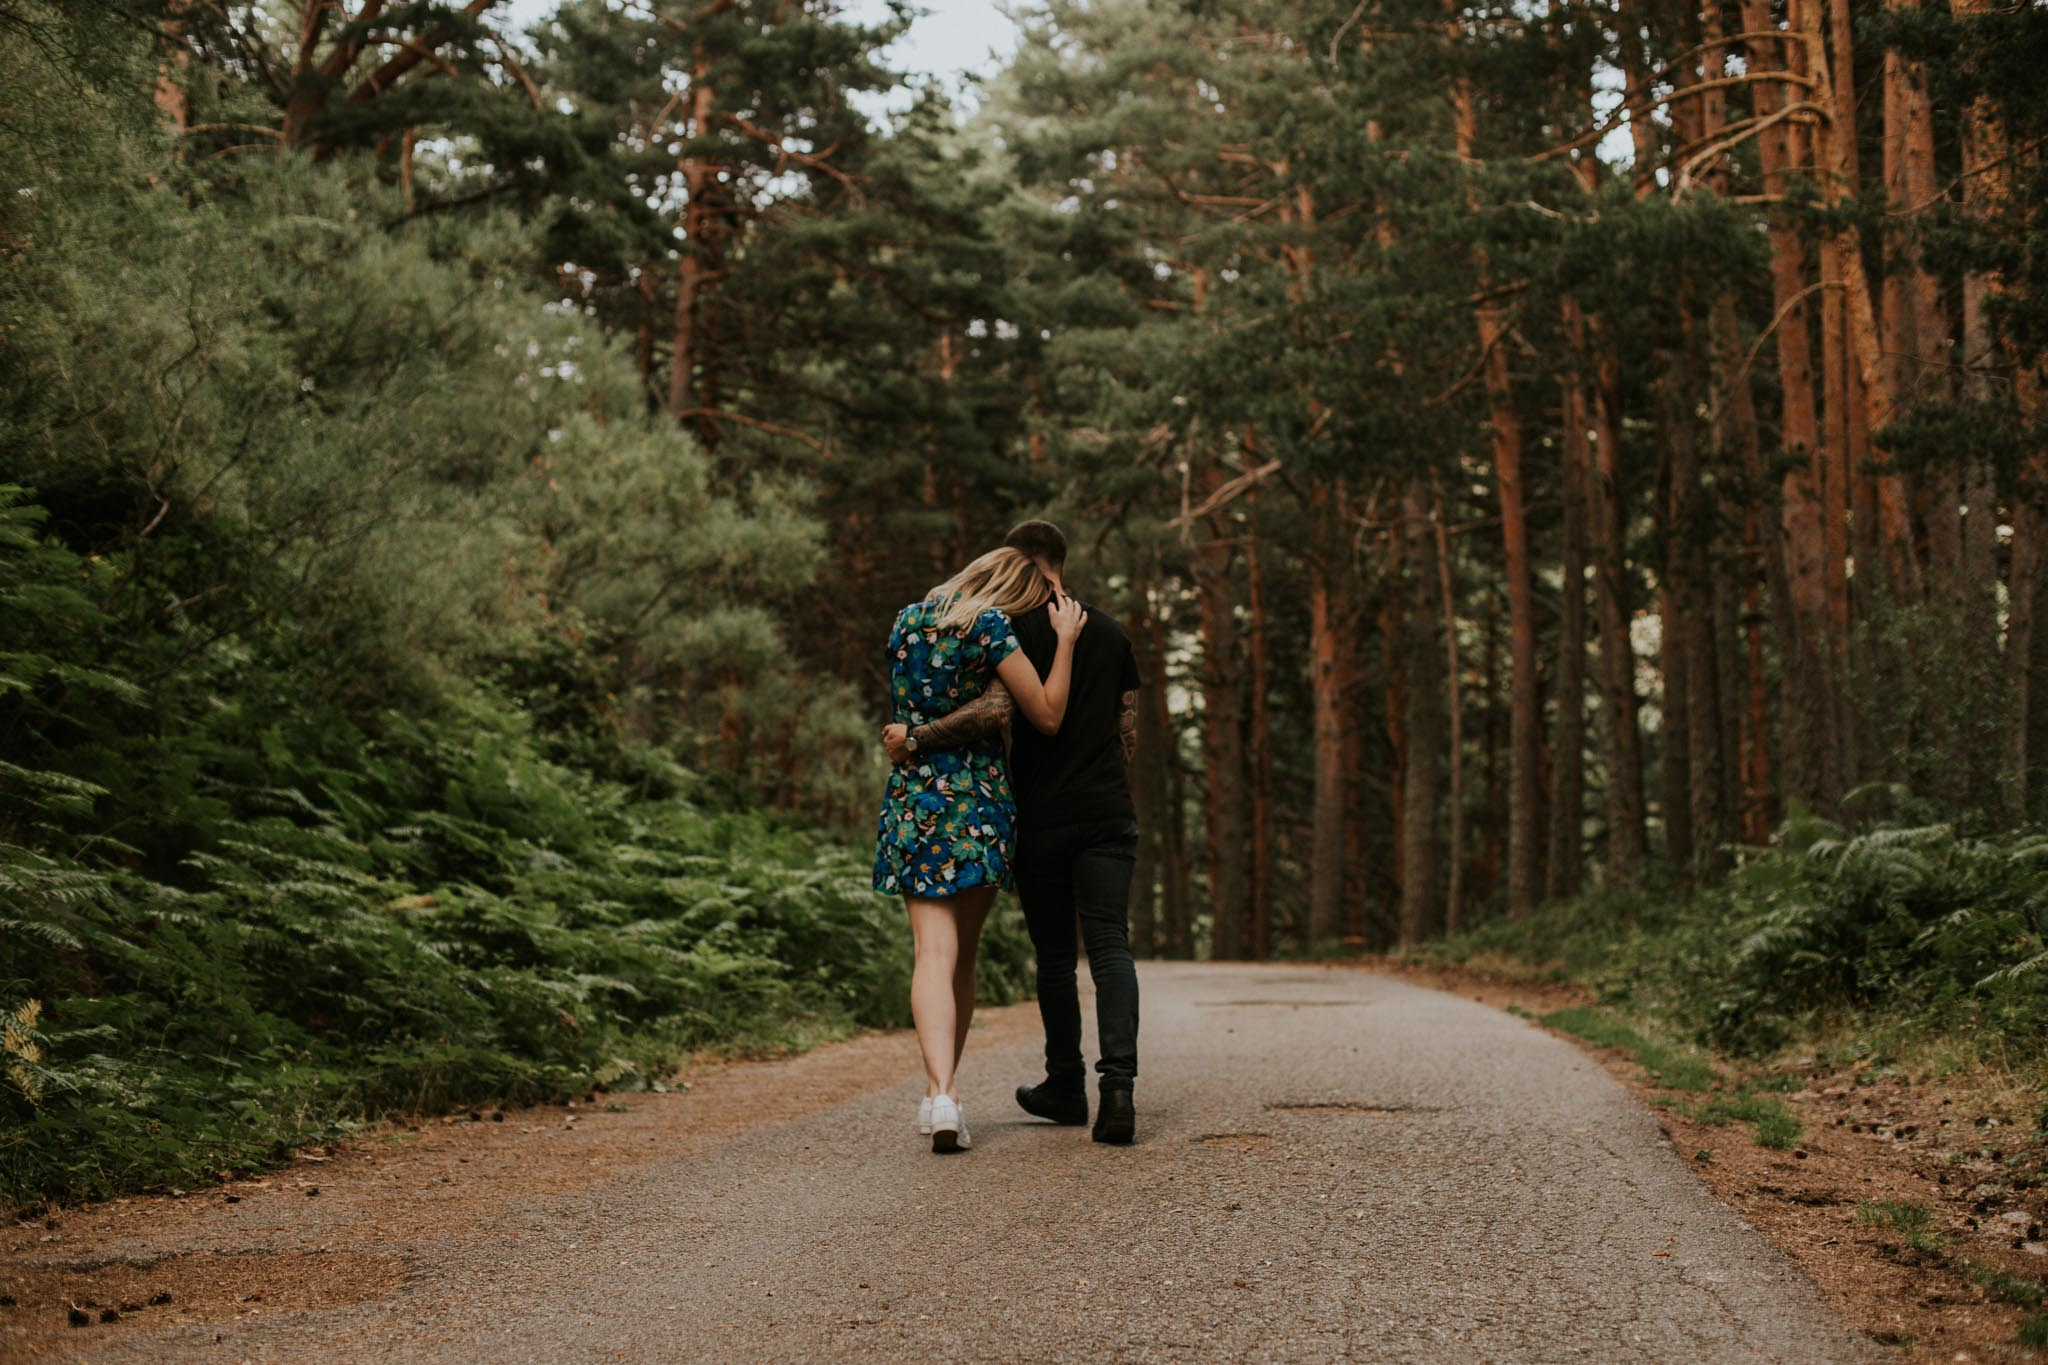 Fotografia pareja bosque 11 Concorazon